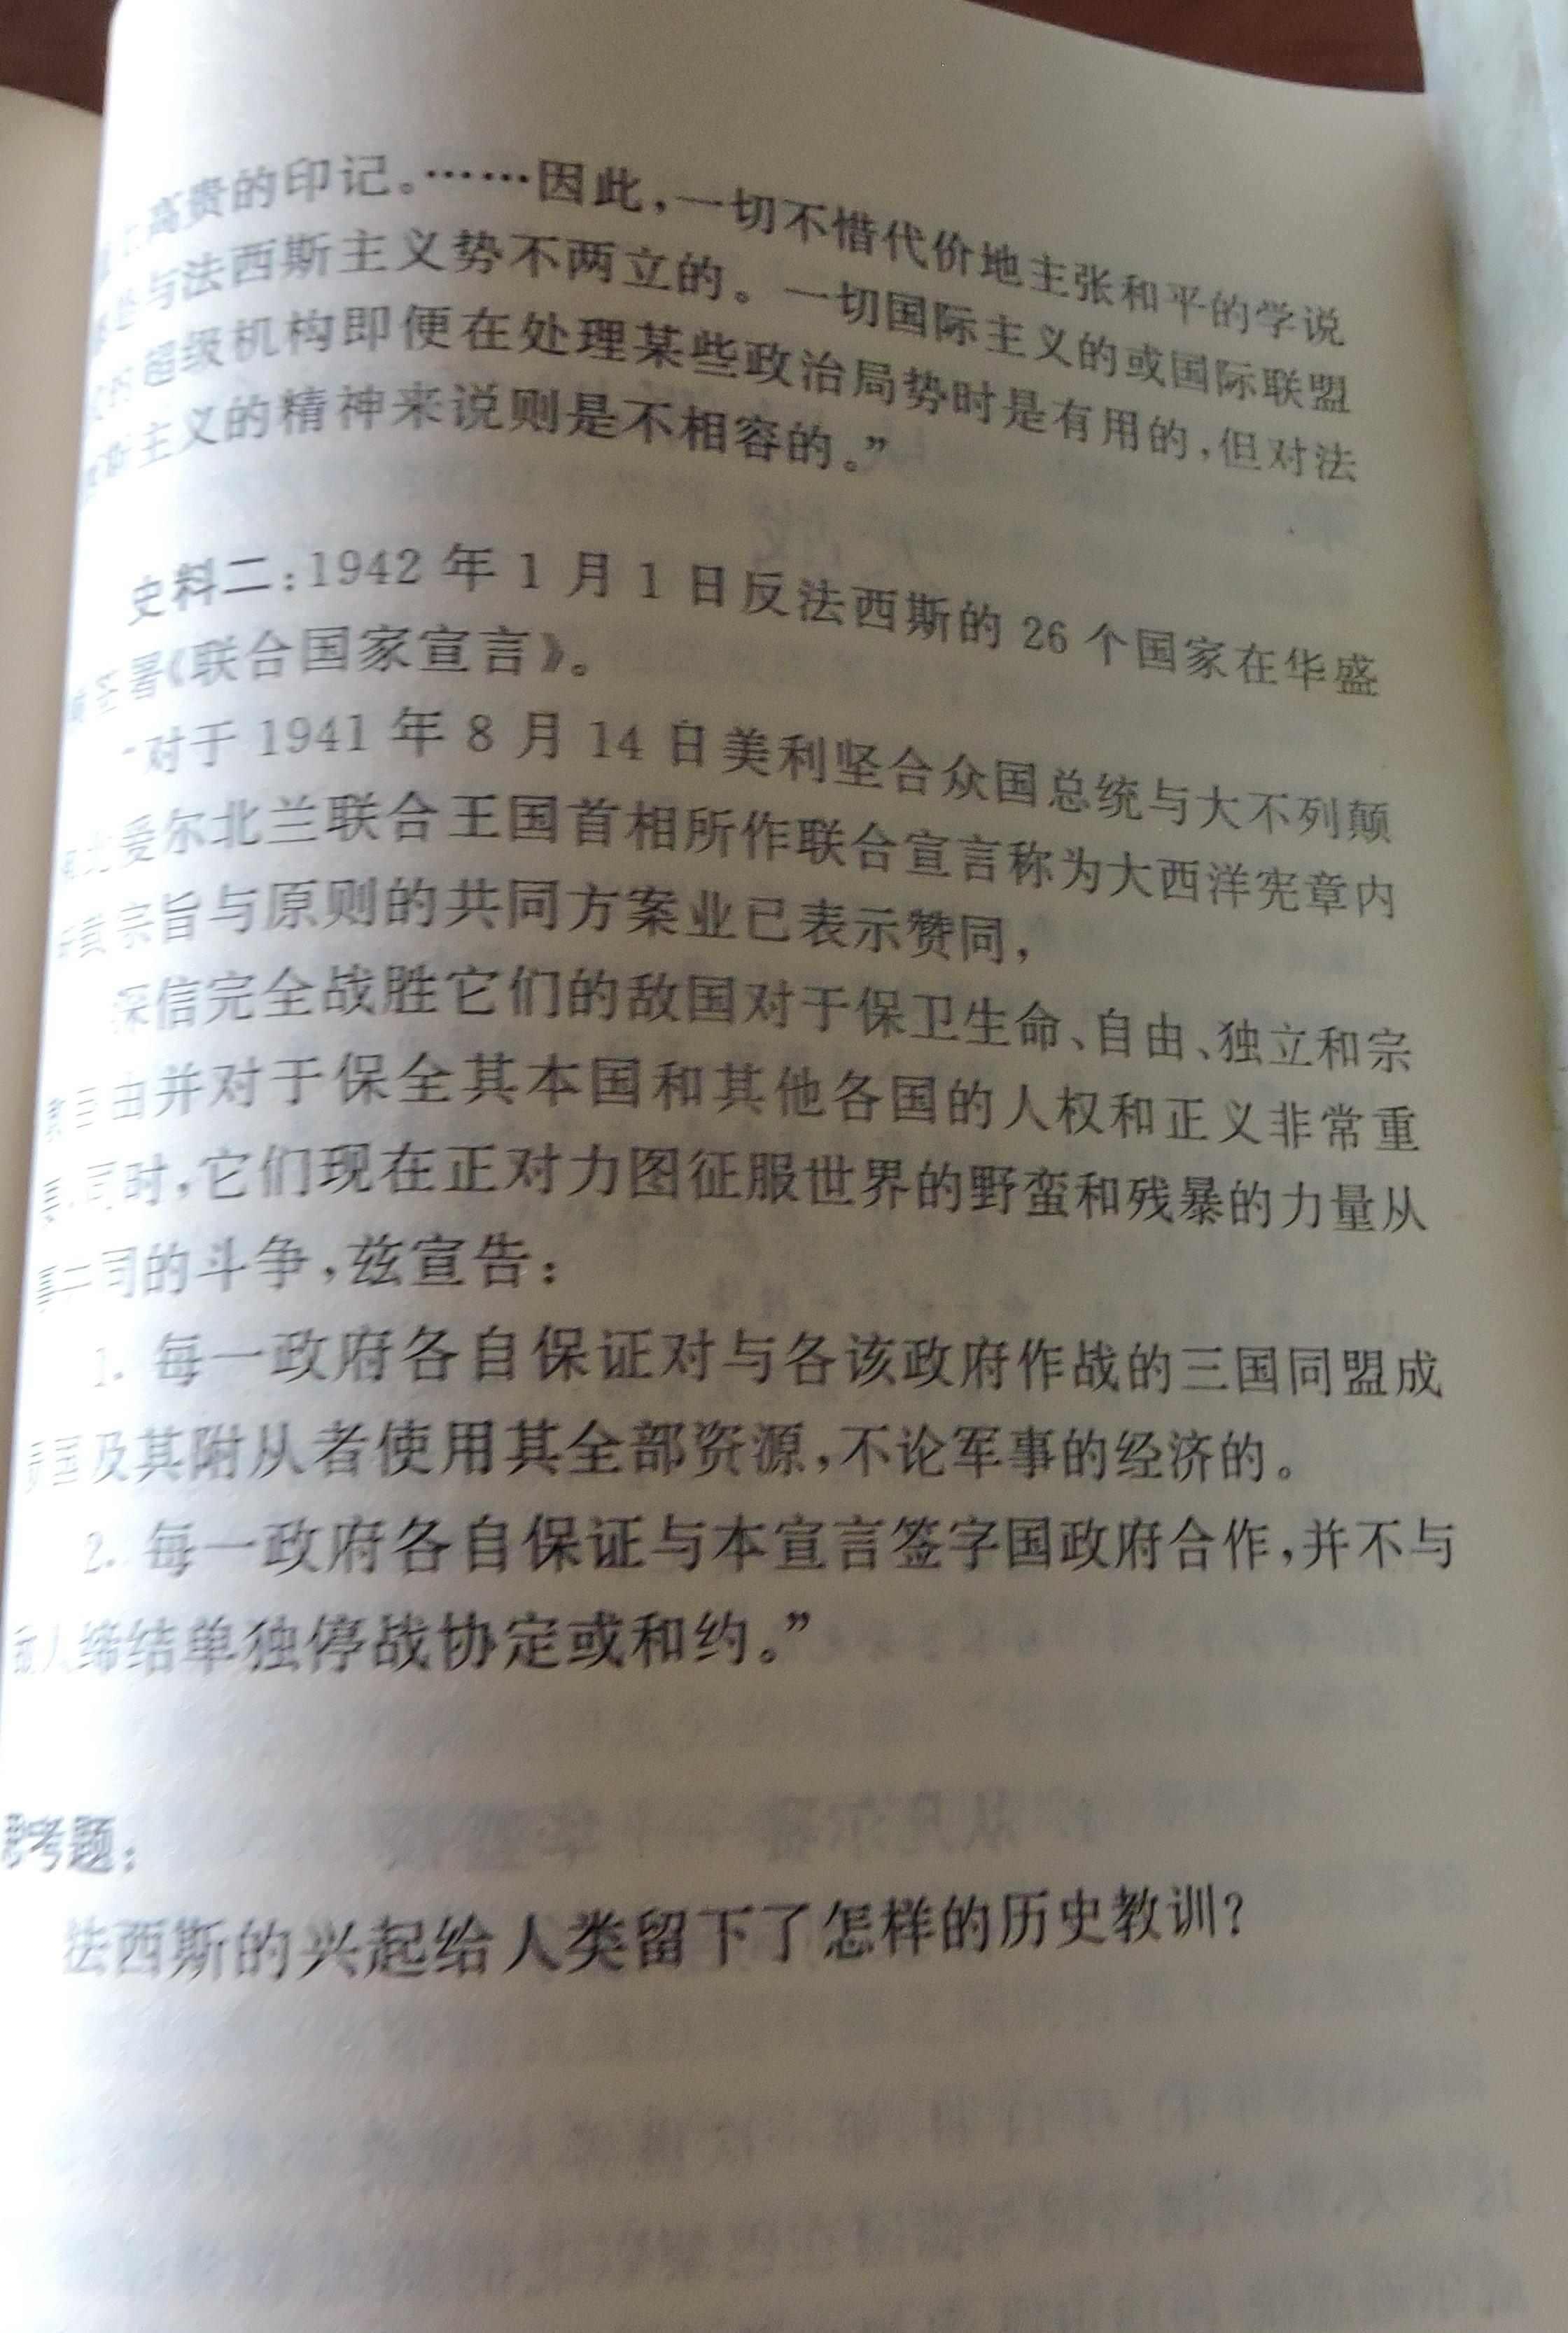 7 DSCN8159.jpg